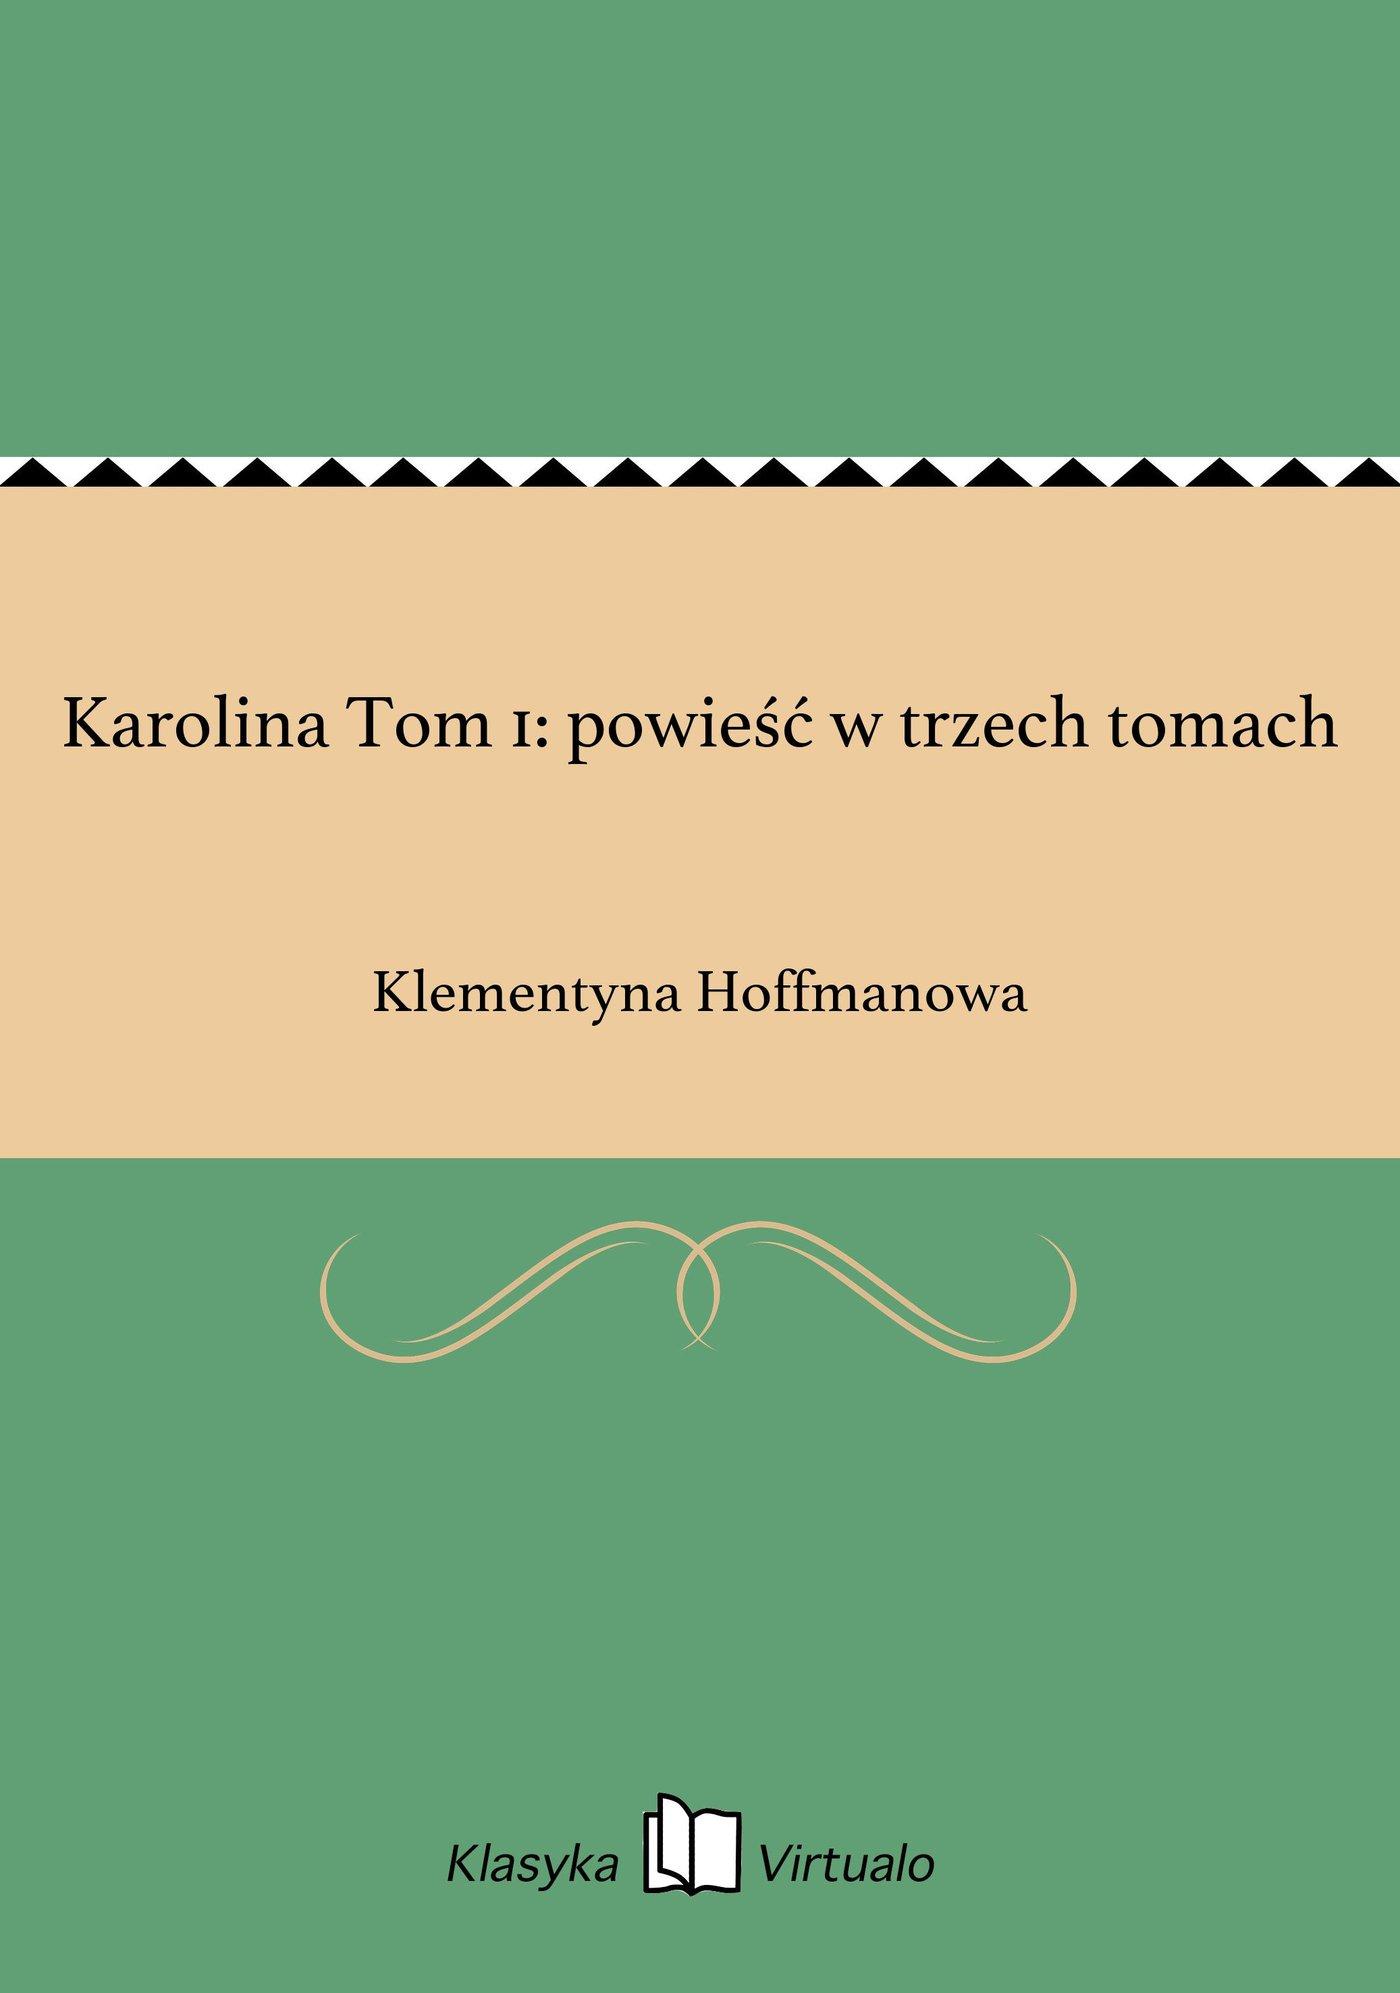 Karolina Tom 1: powieść w trzech tomach - Ebook (Książka EPUB) do pobrania w formacie EPUB